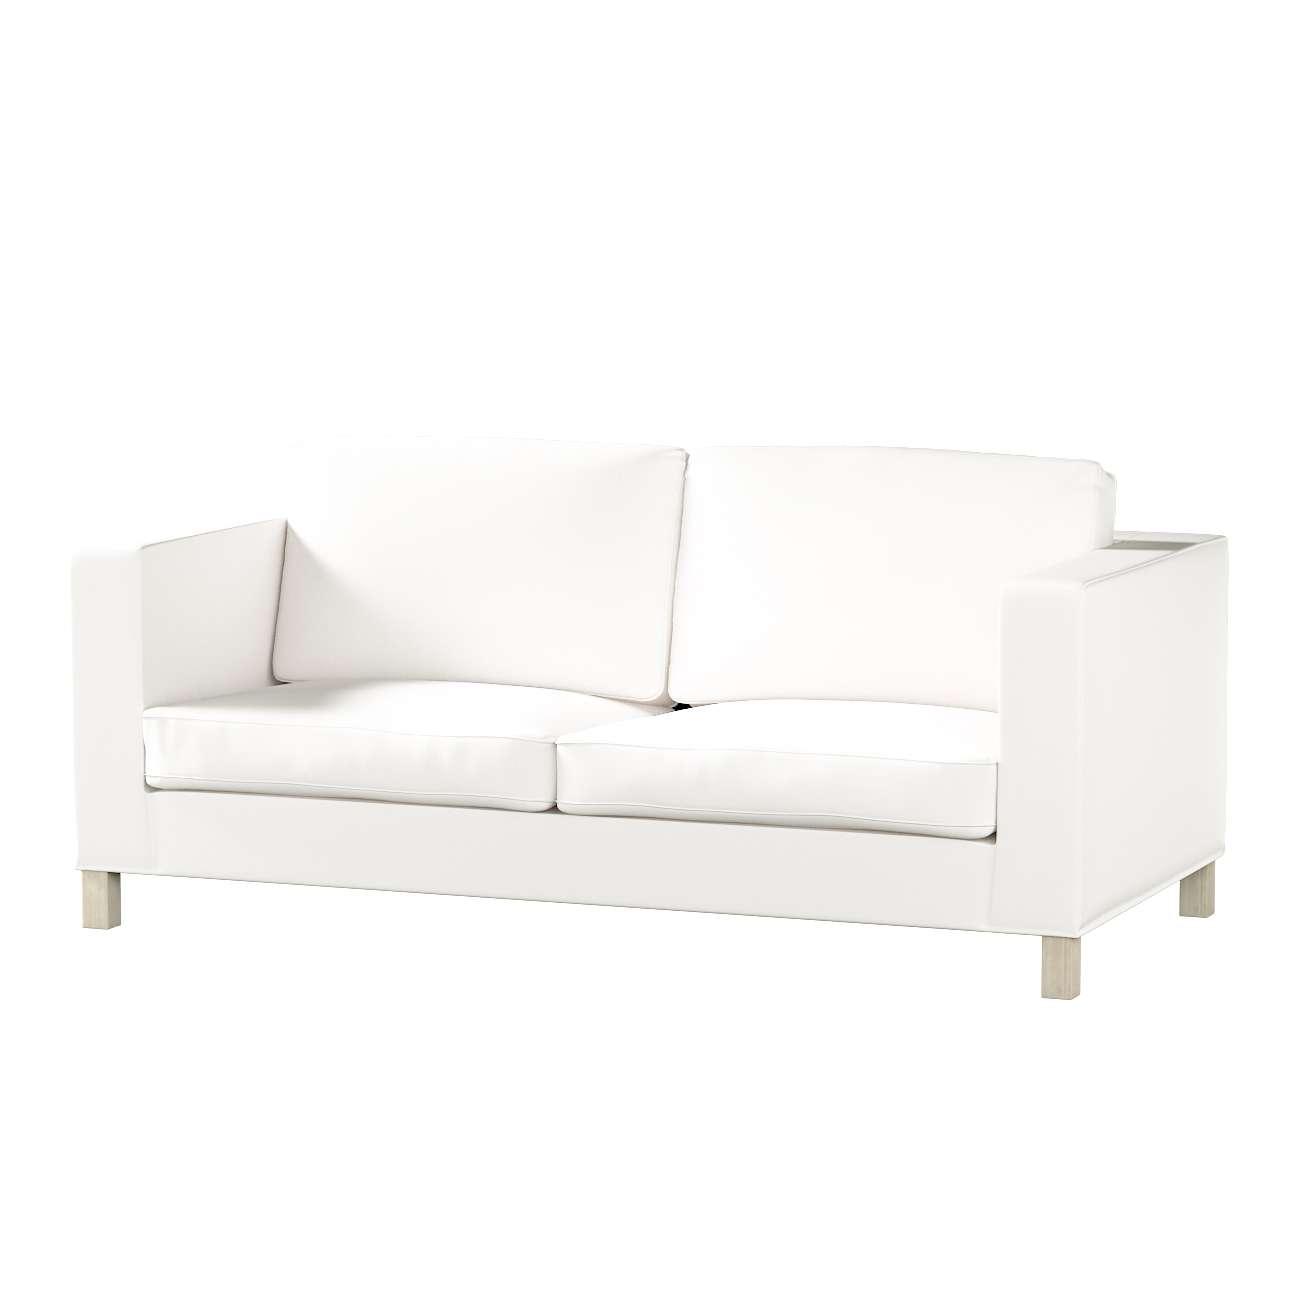 KARLANDA sofos lovos užvalkalas KARLANDA sofos lovos užvalkalas kolekcijoje Cotton Panama, audinys: 702-34